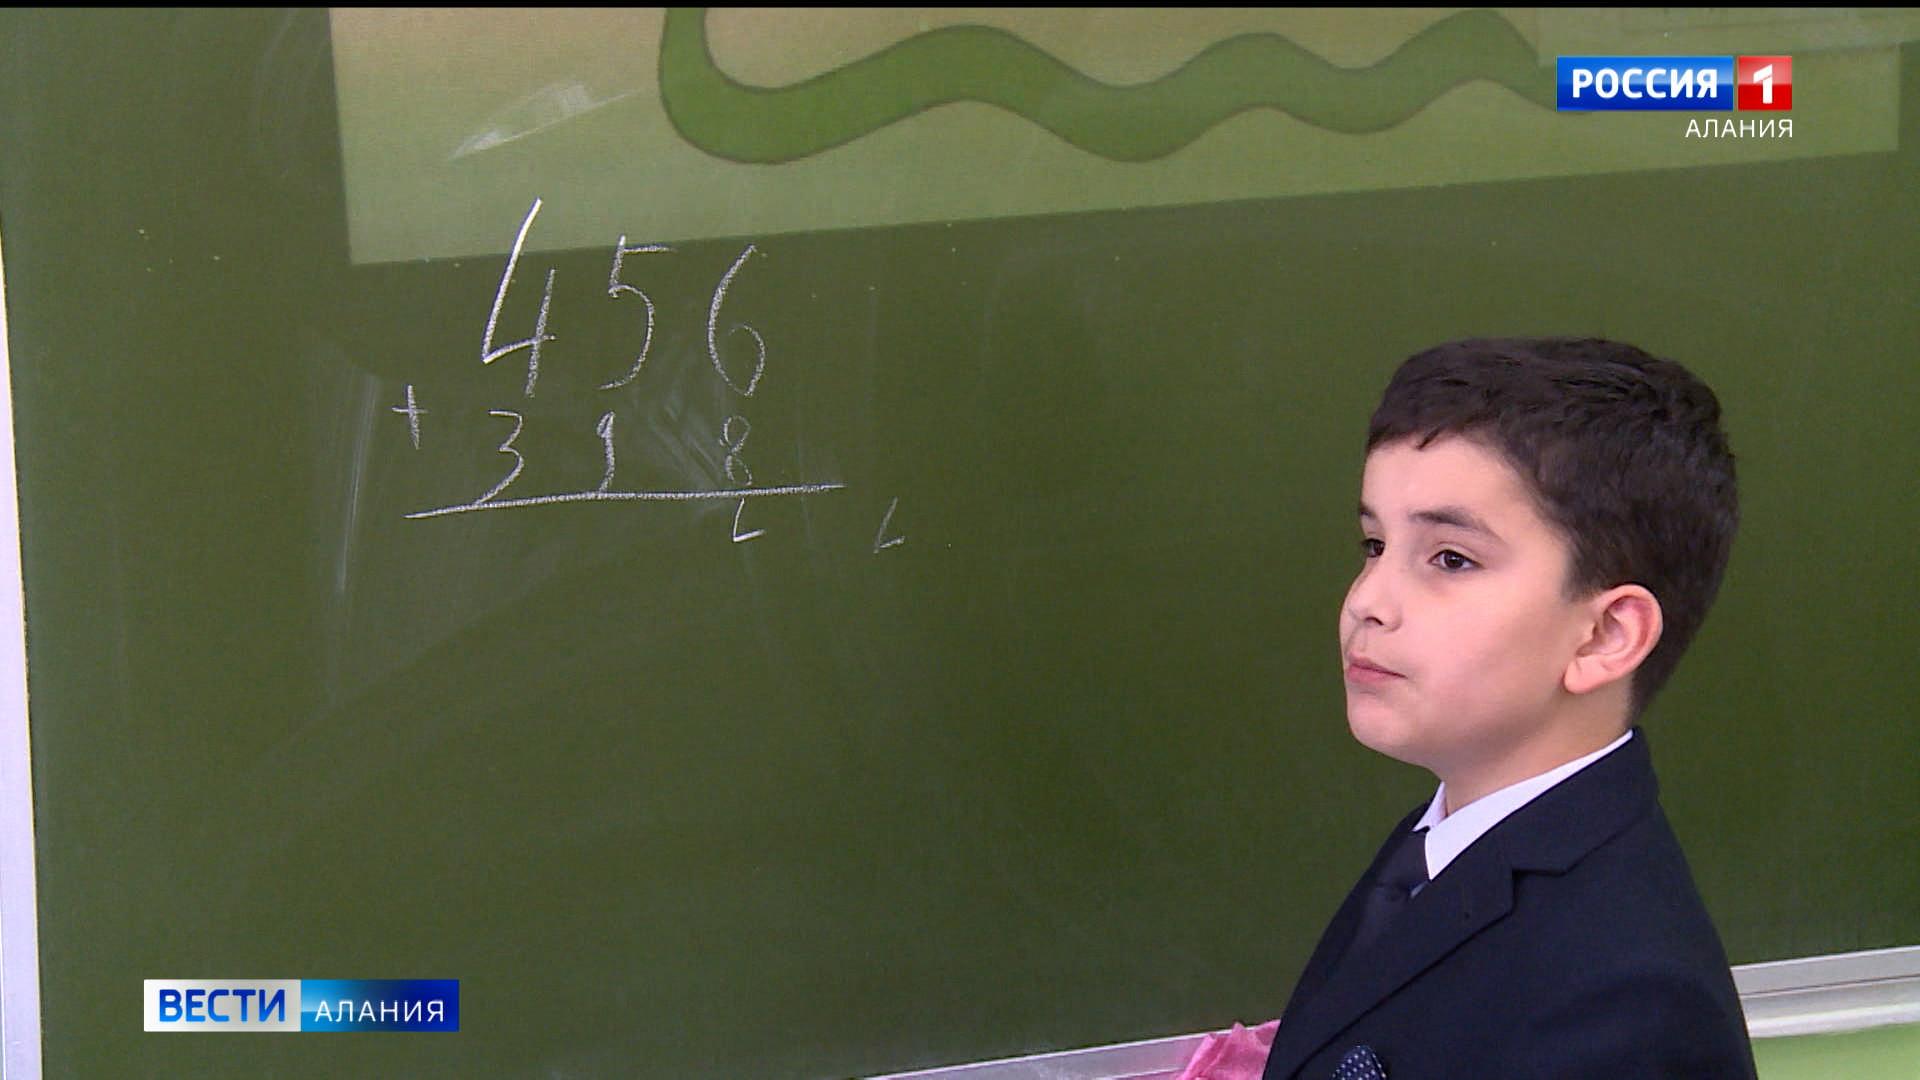 В образовательных учреждениях Северной Осетии открываются ресурсные классы для одаренных детей